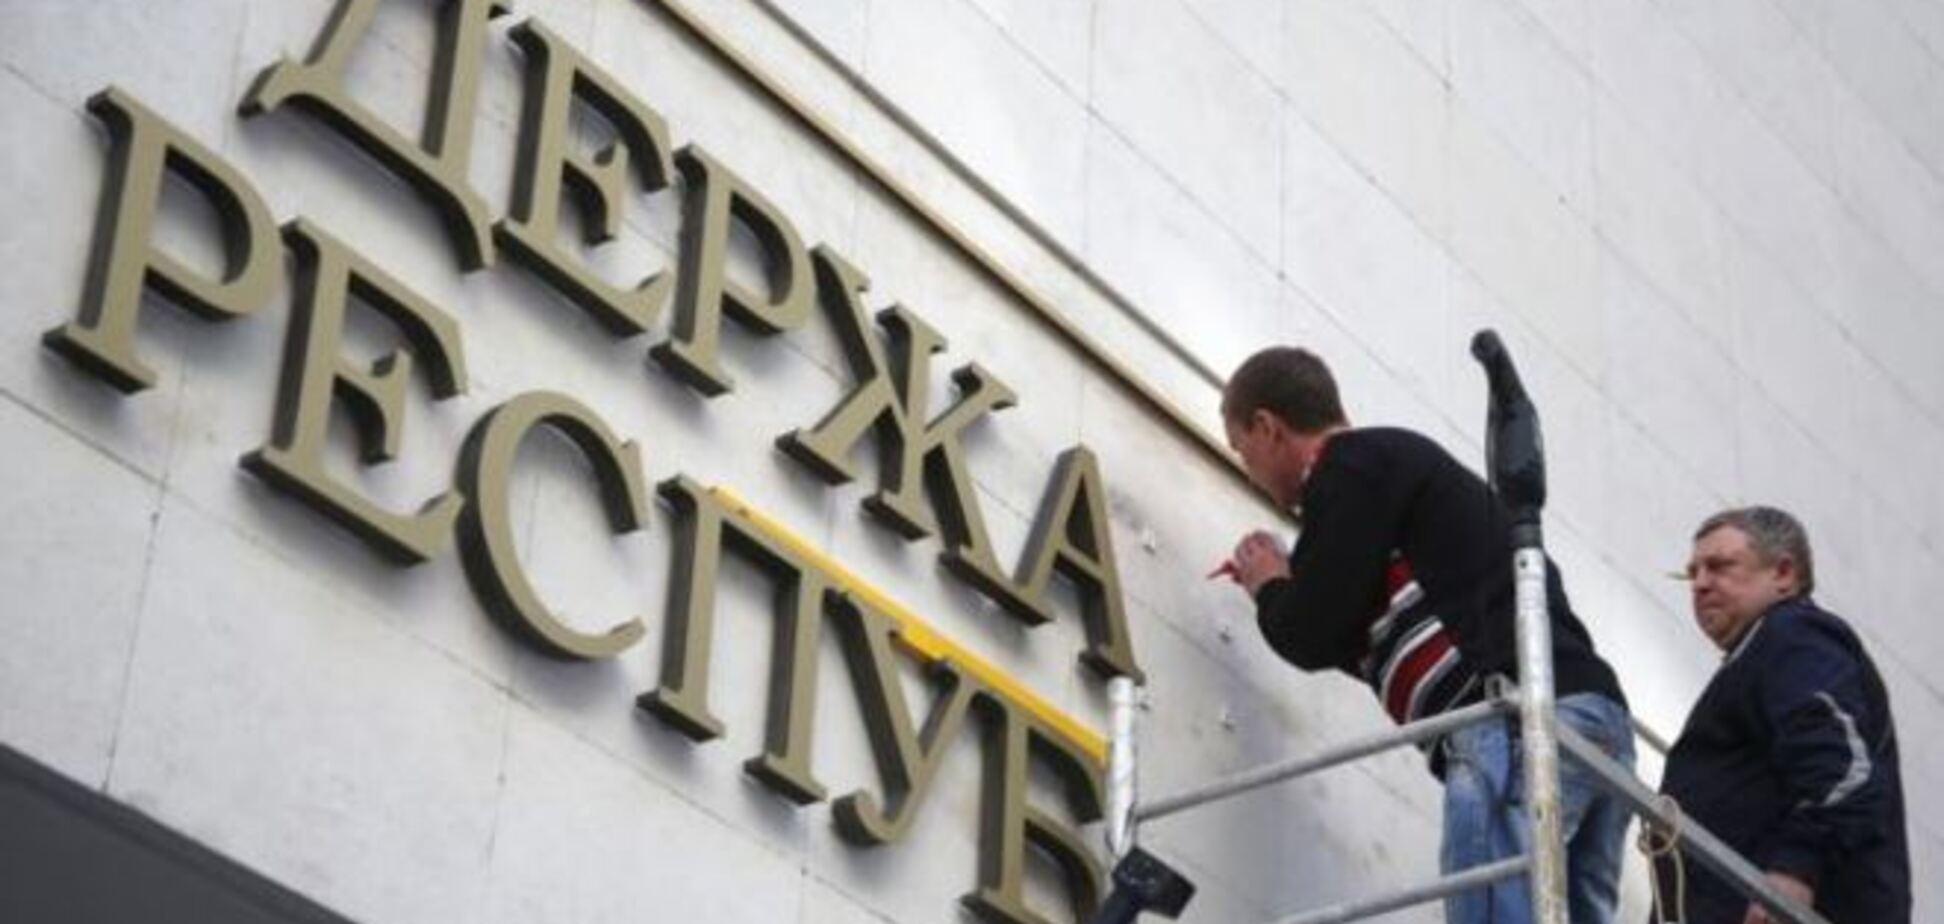 Крымнаш! На здании 'Госсовета' Крыма добавляют название на украинском языке: фотофакт